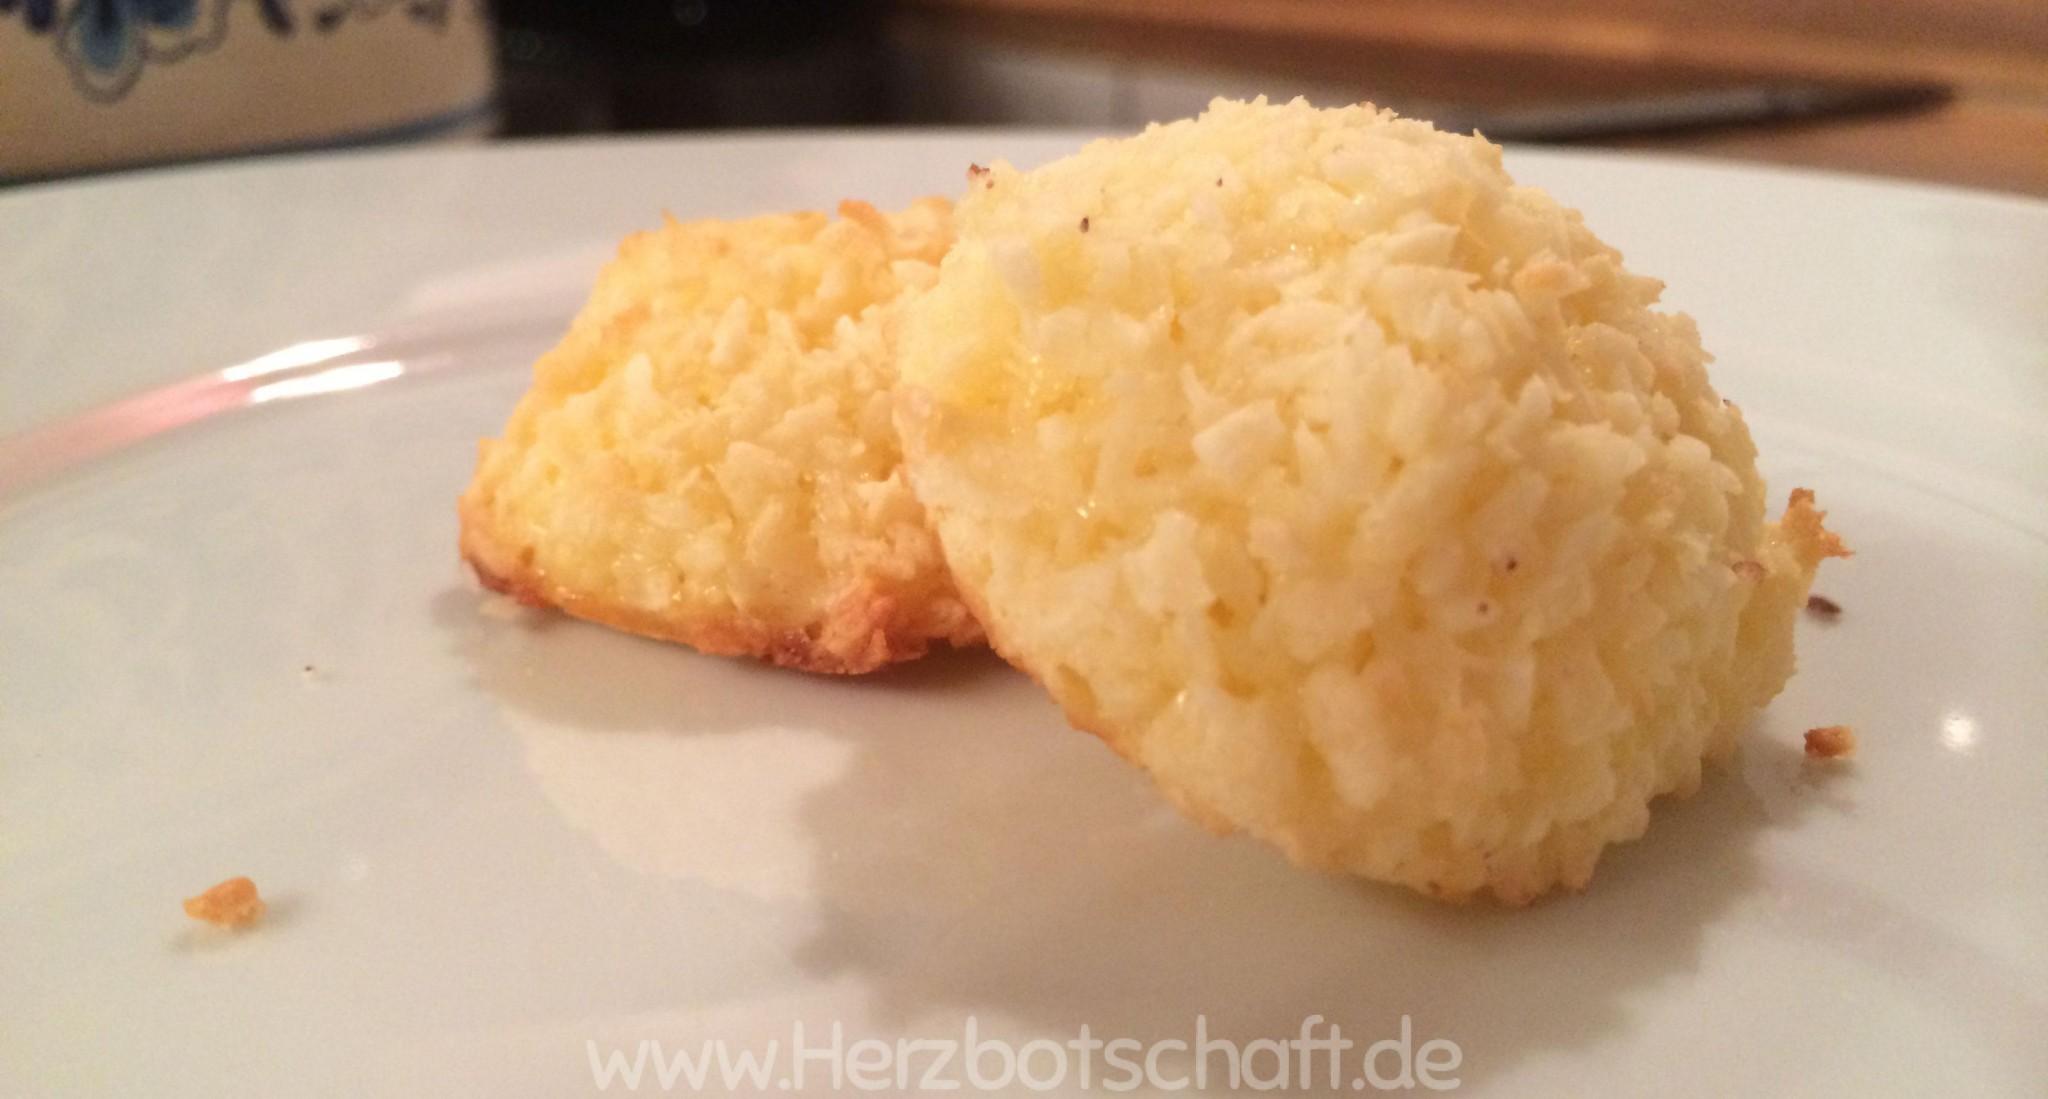 kokosmakronen-selbstgemacht-rezept